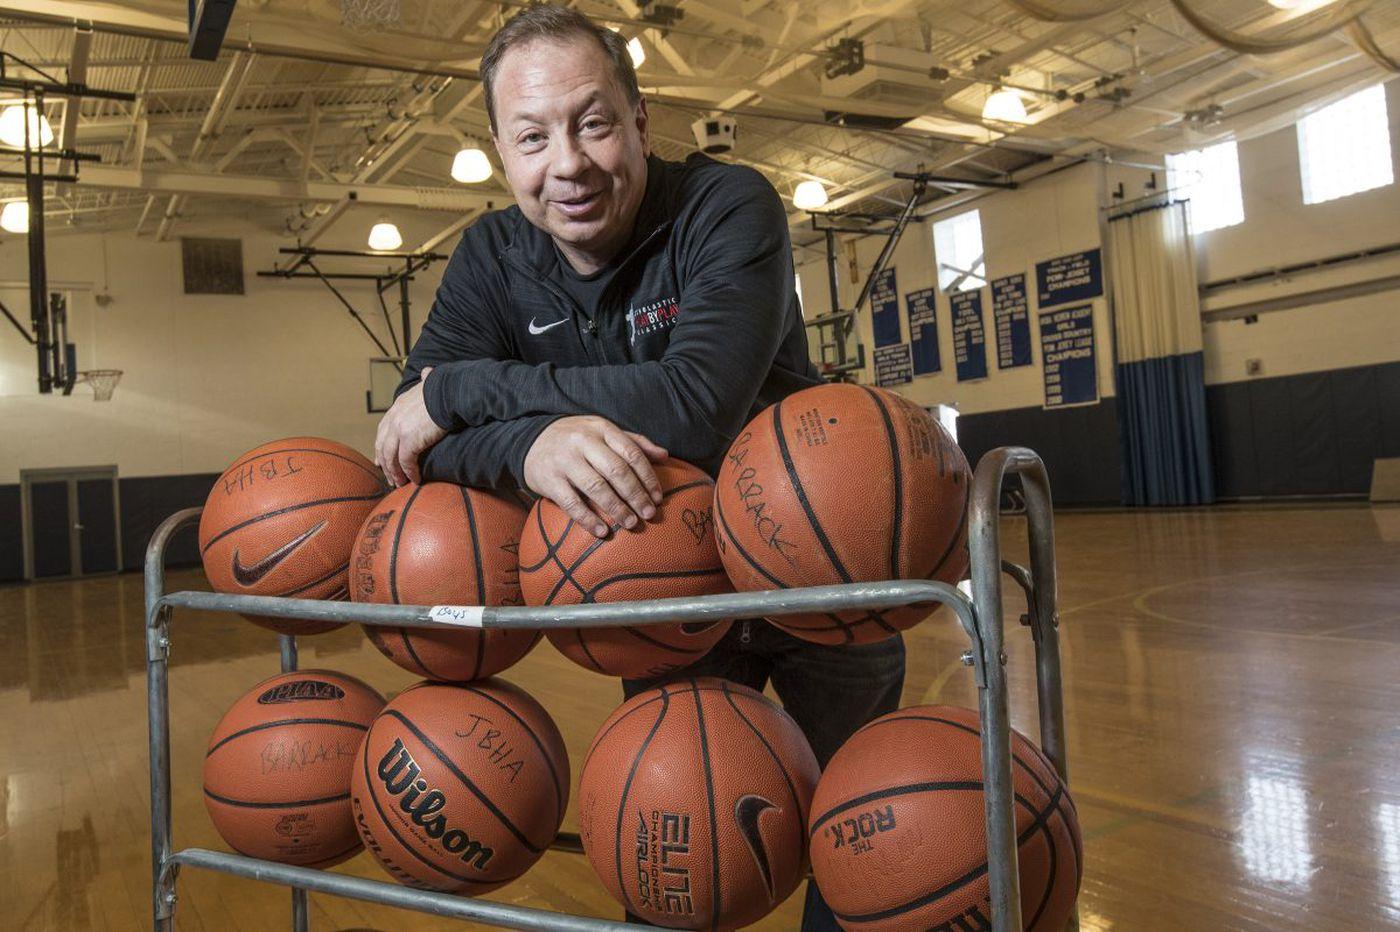 Jeremy Treatman is a high school hoops matchmaker